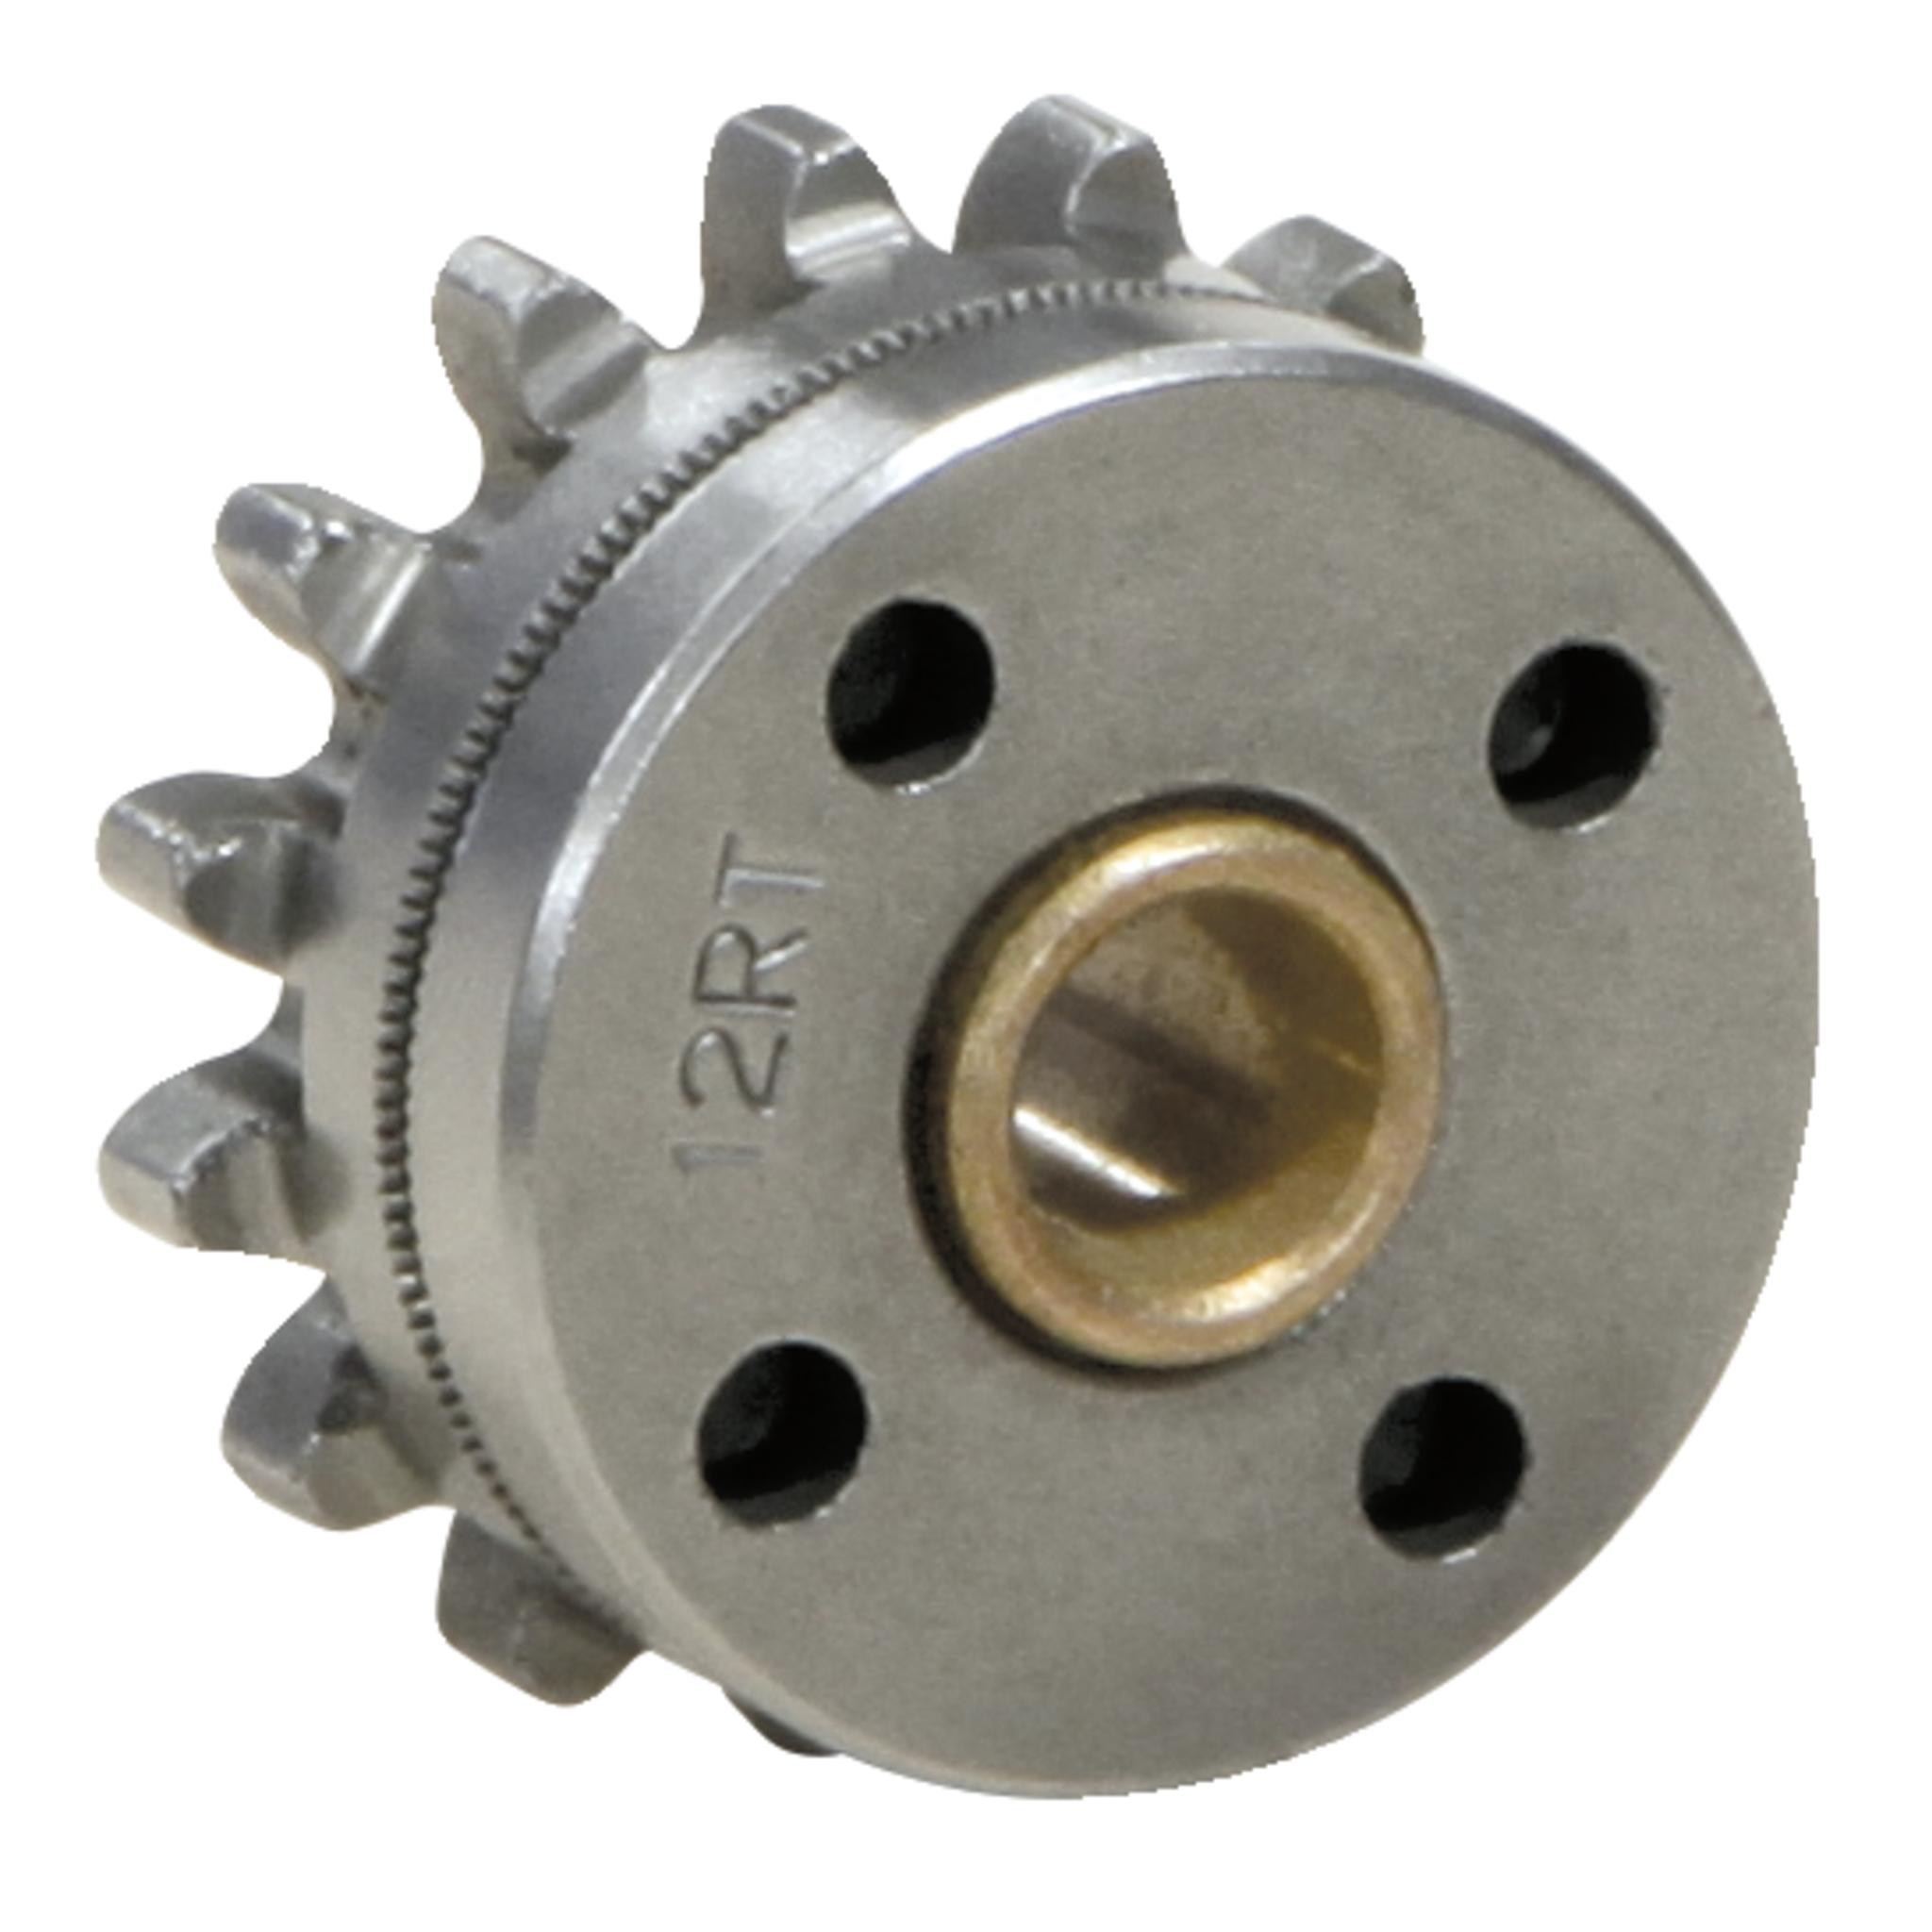 GYS 2 Vorschubrollen - Typ E - Ø 1,6 - Alu 038592